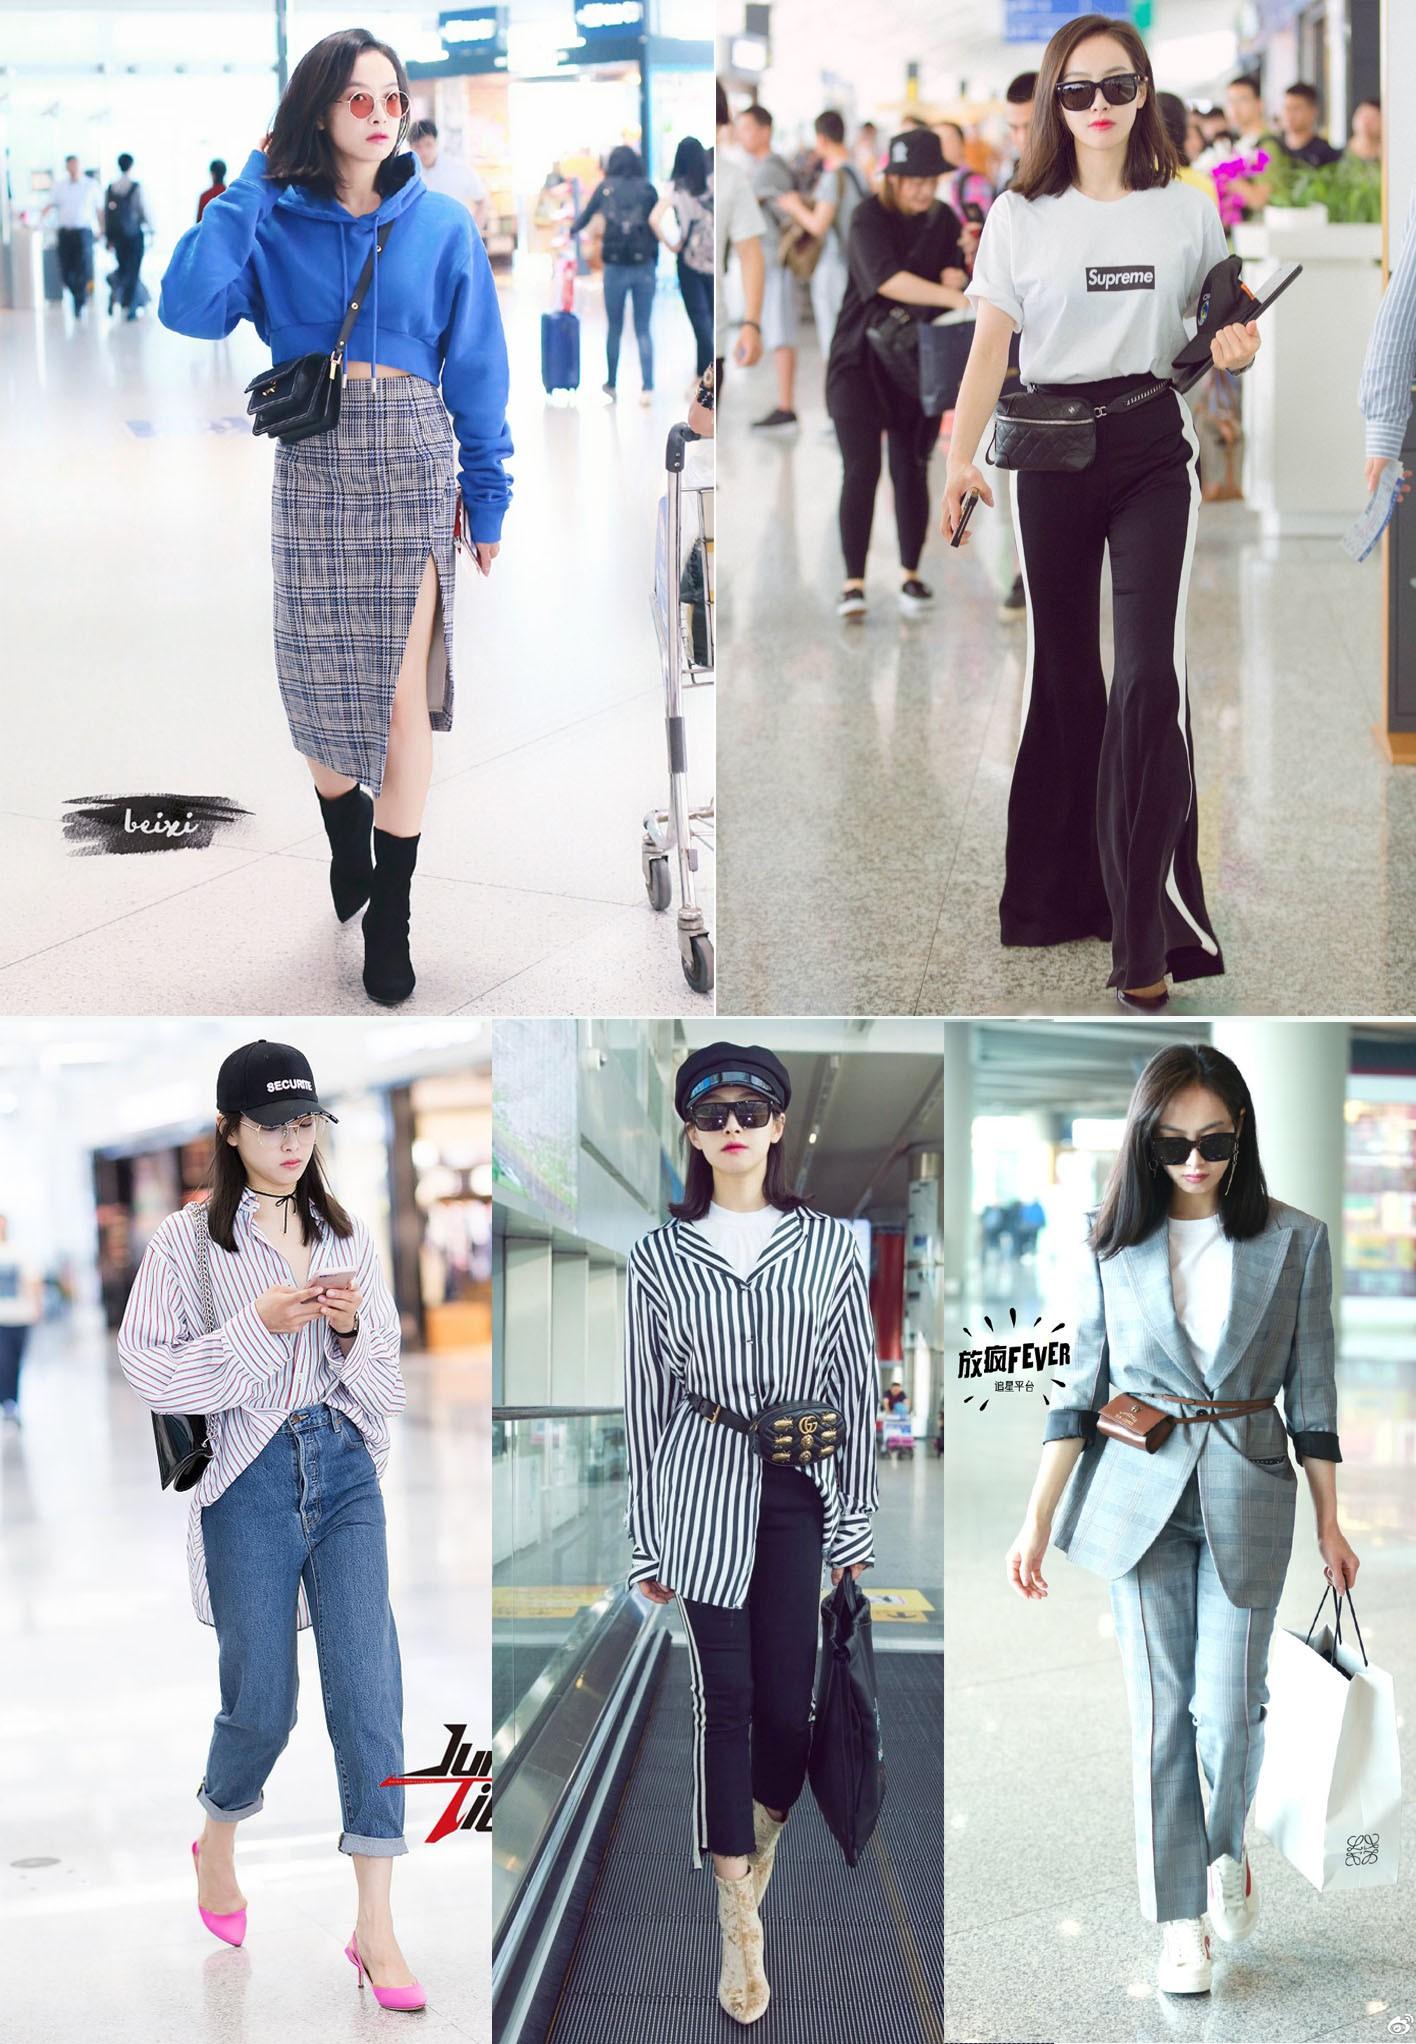 5 ngôi sao Hoa ngữ sở hữu phong cách thời trang sân bay đẹp nhất năm 2017 - Ảnh 7.